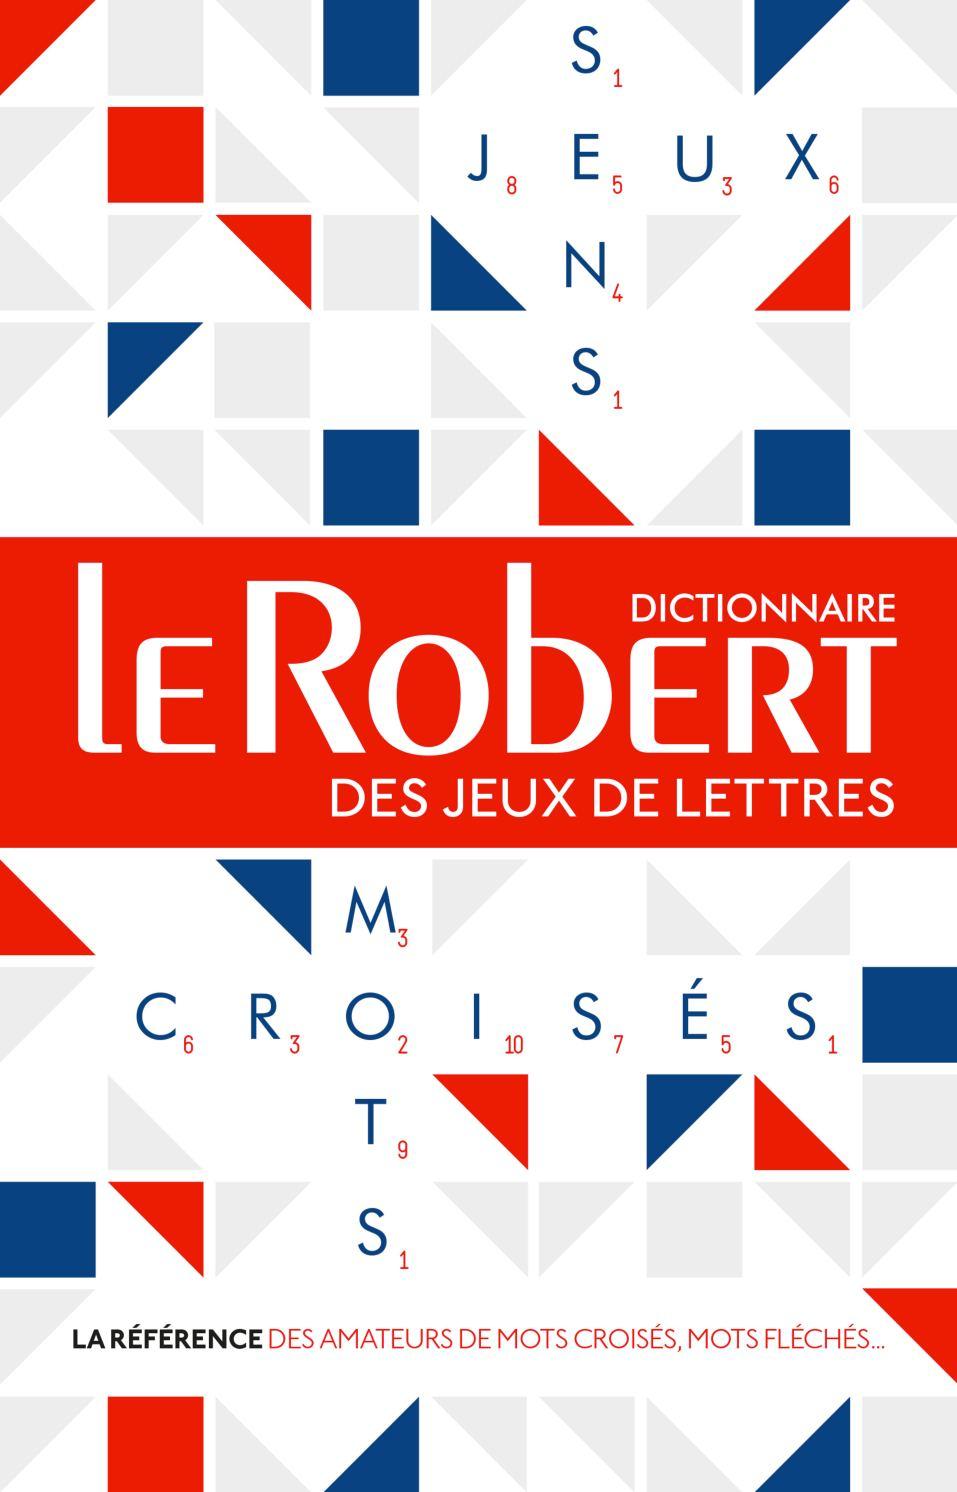 Le Robert Des Jeux De Lettres - Dictionnaire De Mots Croisés tout Jeux Mot Fleches